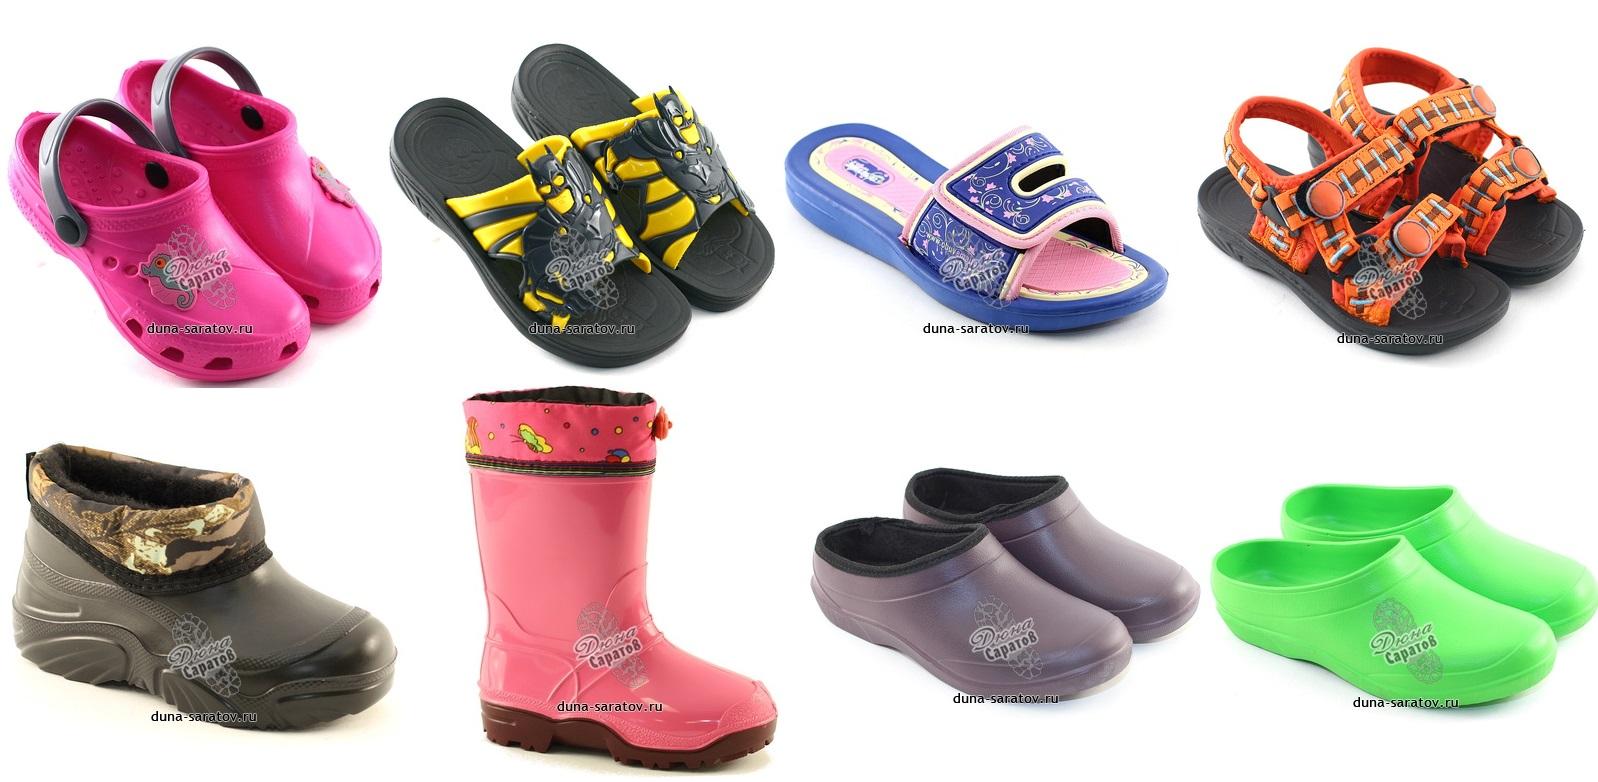 Обновлен пристрой по обуви - огромный выбор! Раздачи 15-20 июня...